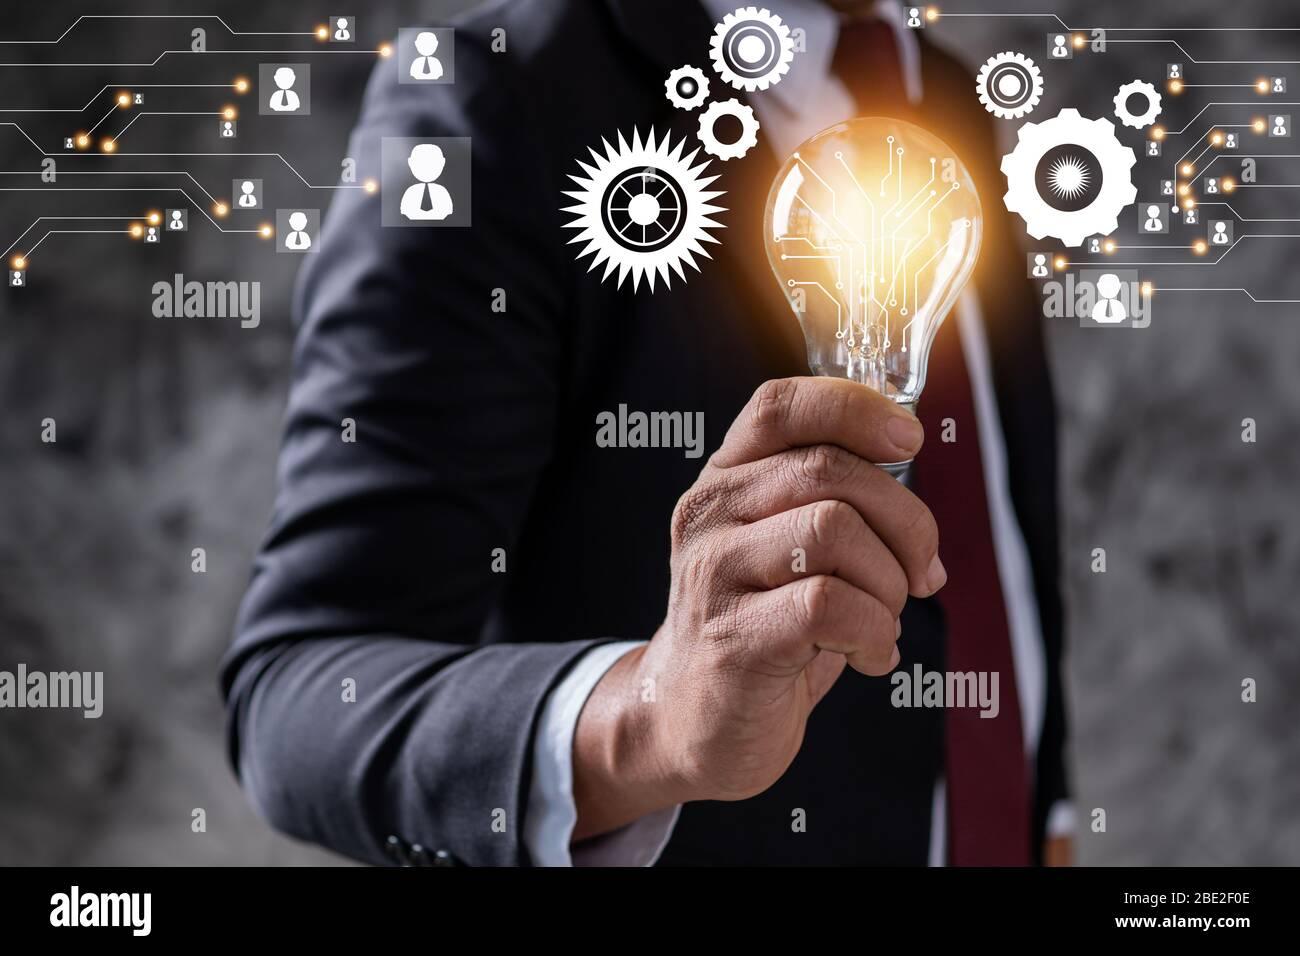 Innovazione e idea di azienda leader professionale che detiene lampadina di illuminazione, gestione di pensiero e potenza del concetto tecnologico Foto Stock